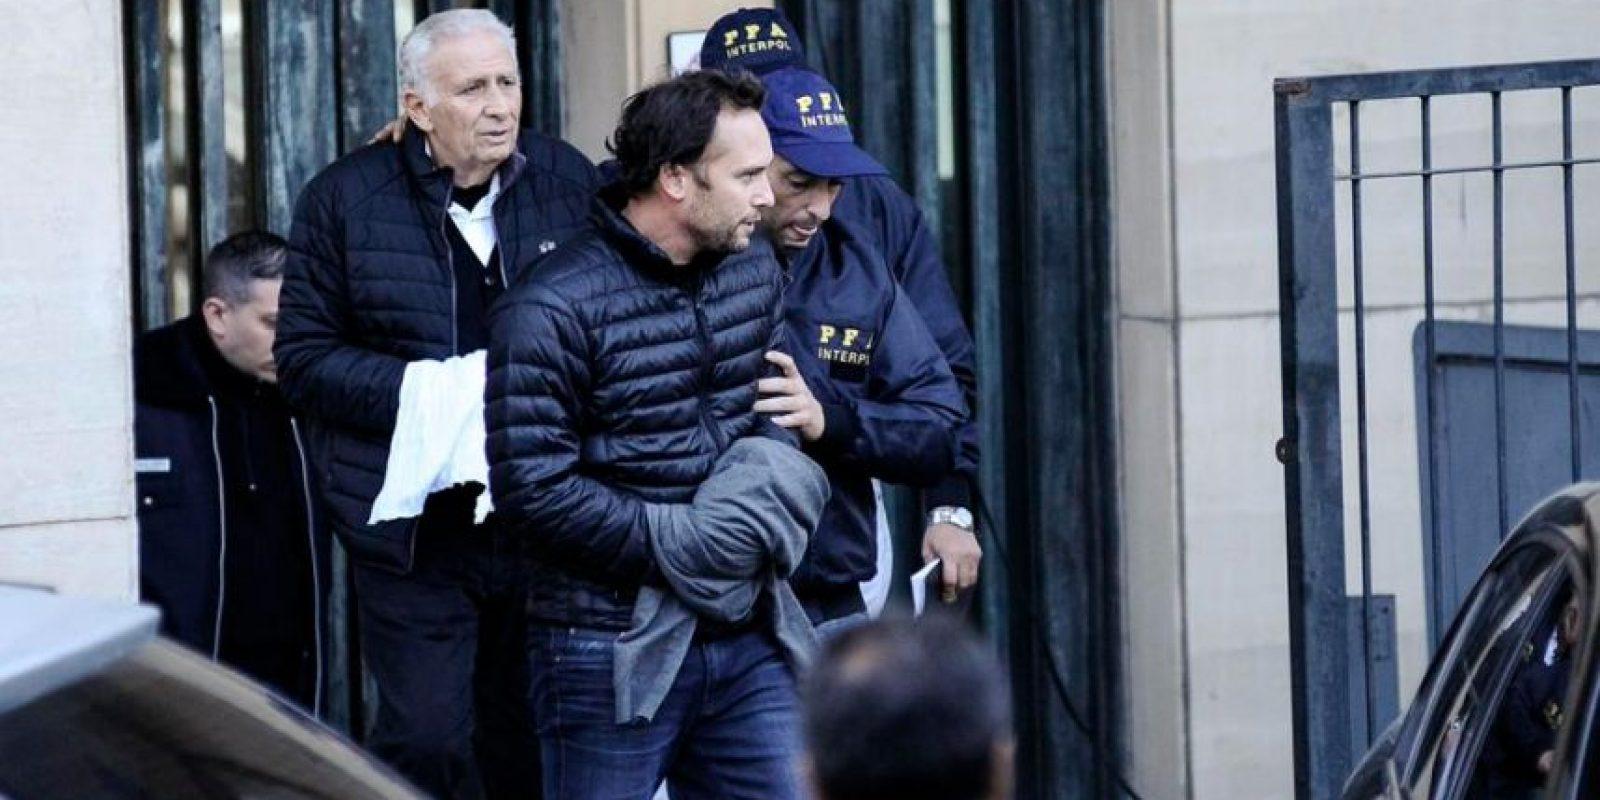 Acusados de corrupción y sobornos a miembros de la FIFA, estuvieron prófugos desde el 27 de mayo, hasta el 18 de junio, día en que se entregaron. Fueron liberados en el mes de agosto, pero se mantienen bajo arresto domiciliario. Foto:Vía twitter.com/fede_oliva